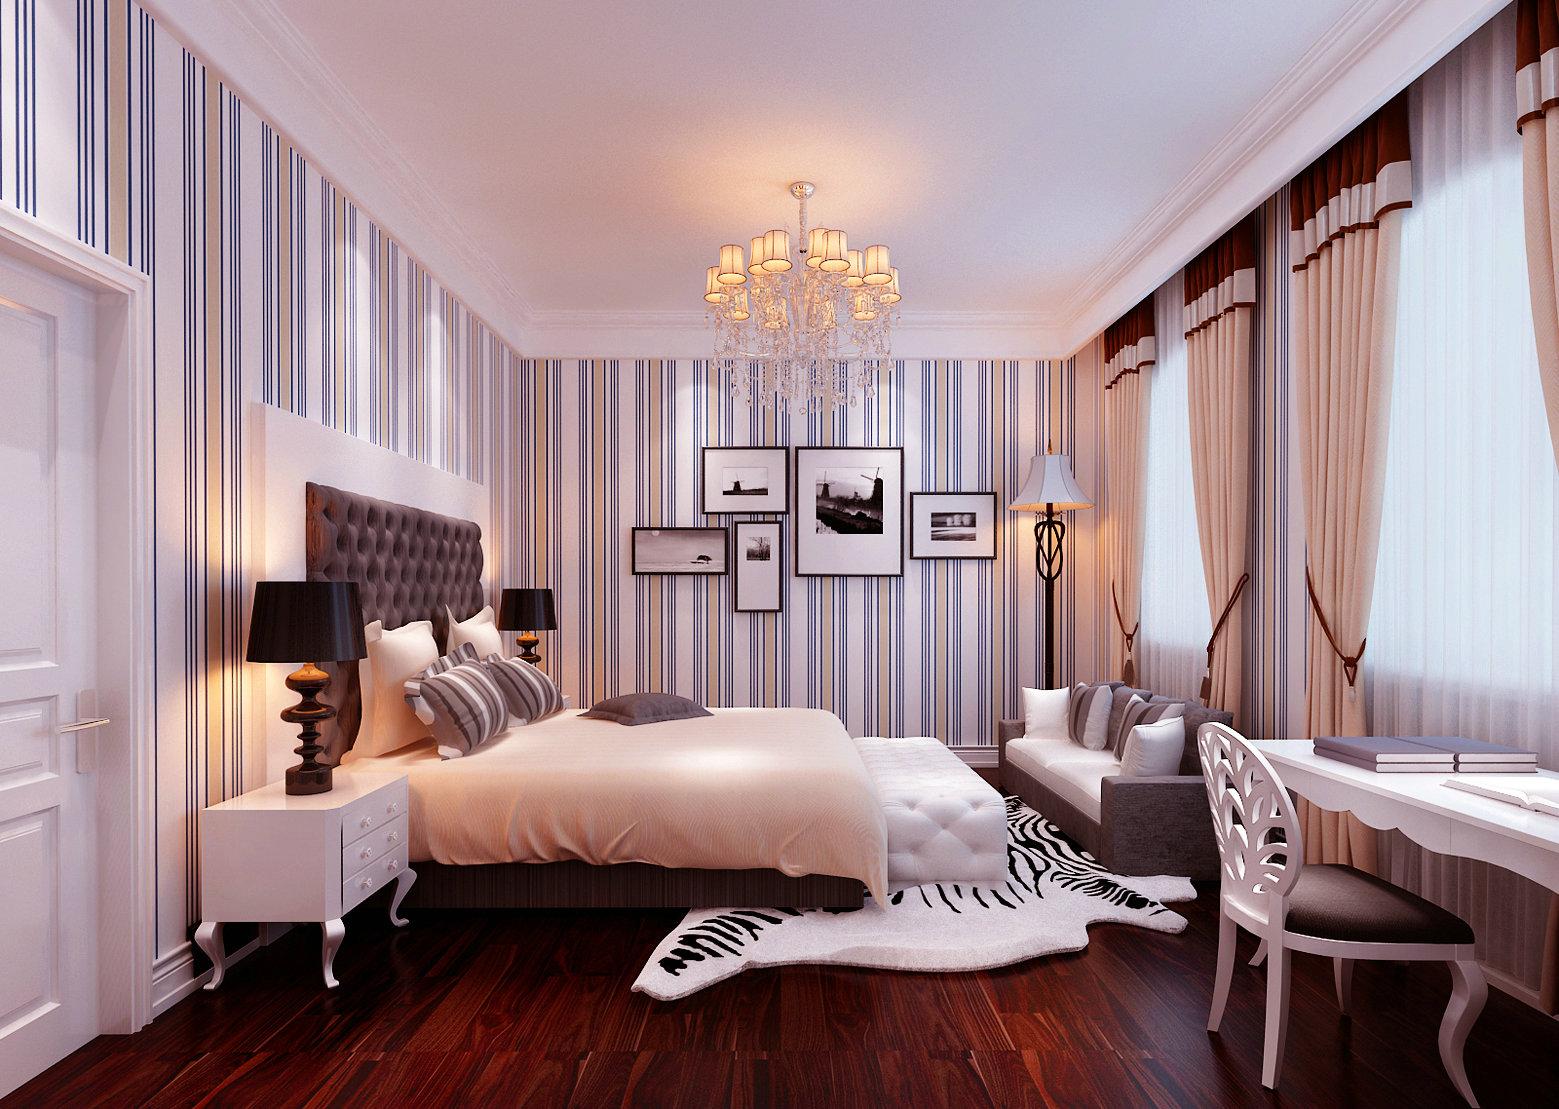 新中式 中西结合 别墅 装修案例 卧室图片来自实创装饰晶晶在600平混搭风势不可挡啊!的分享